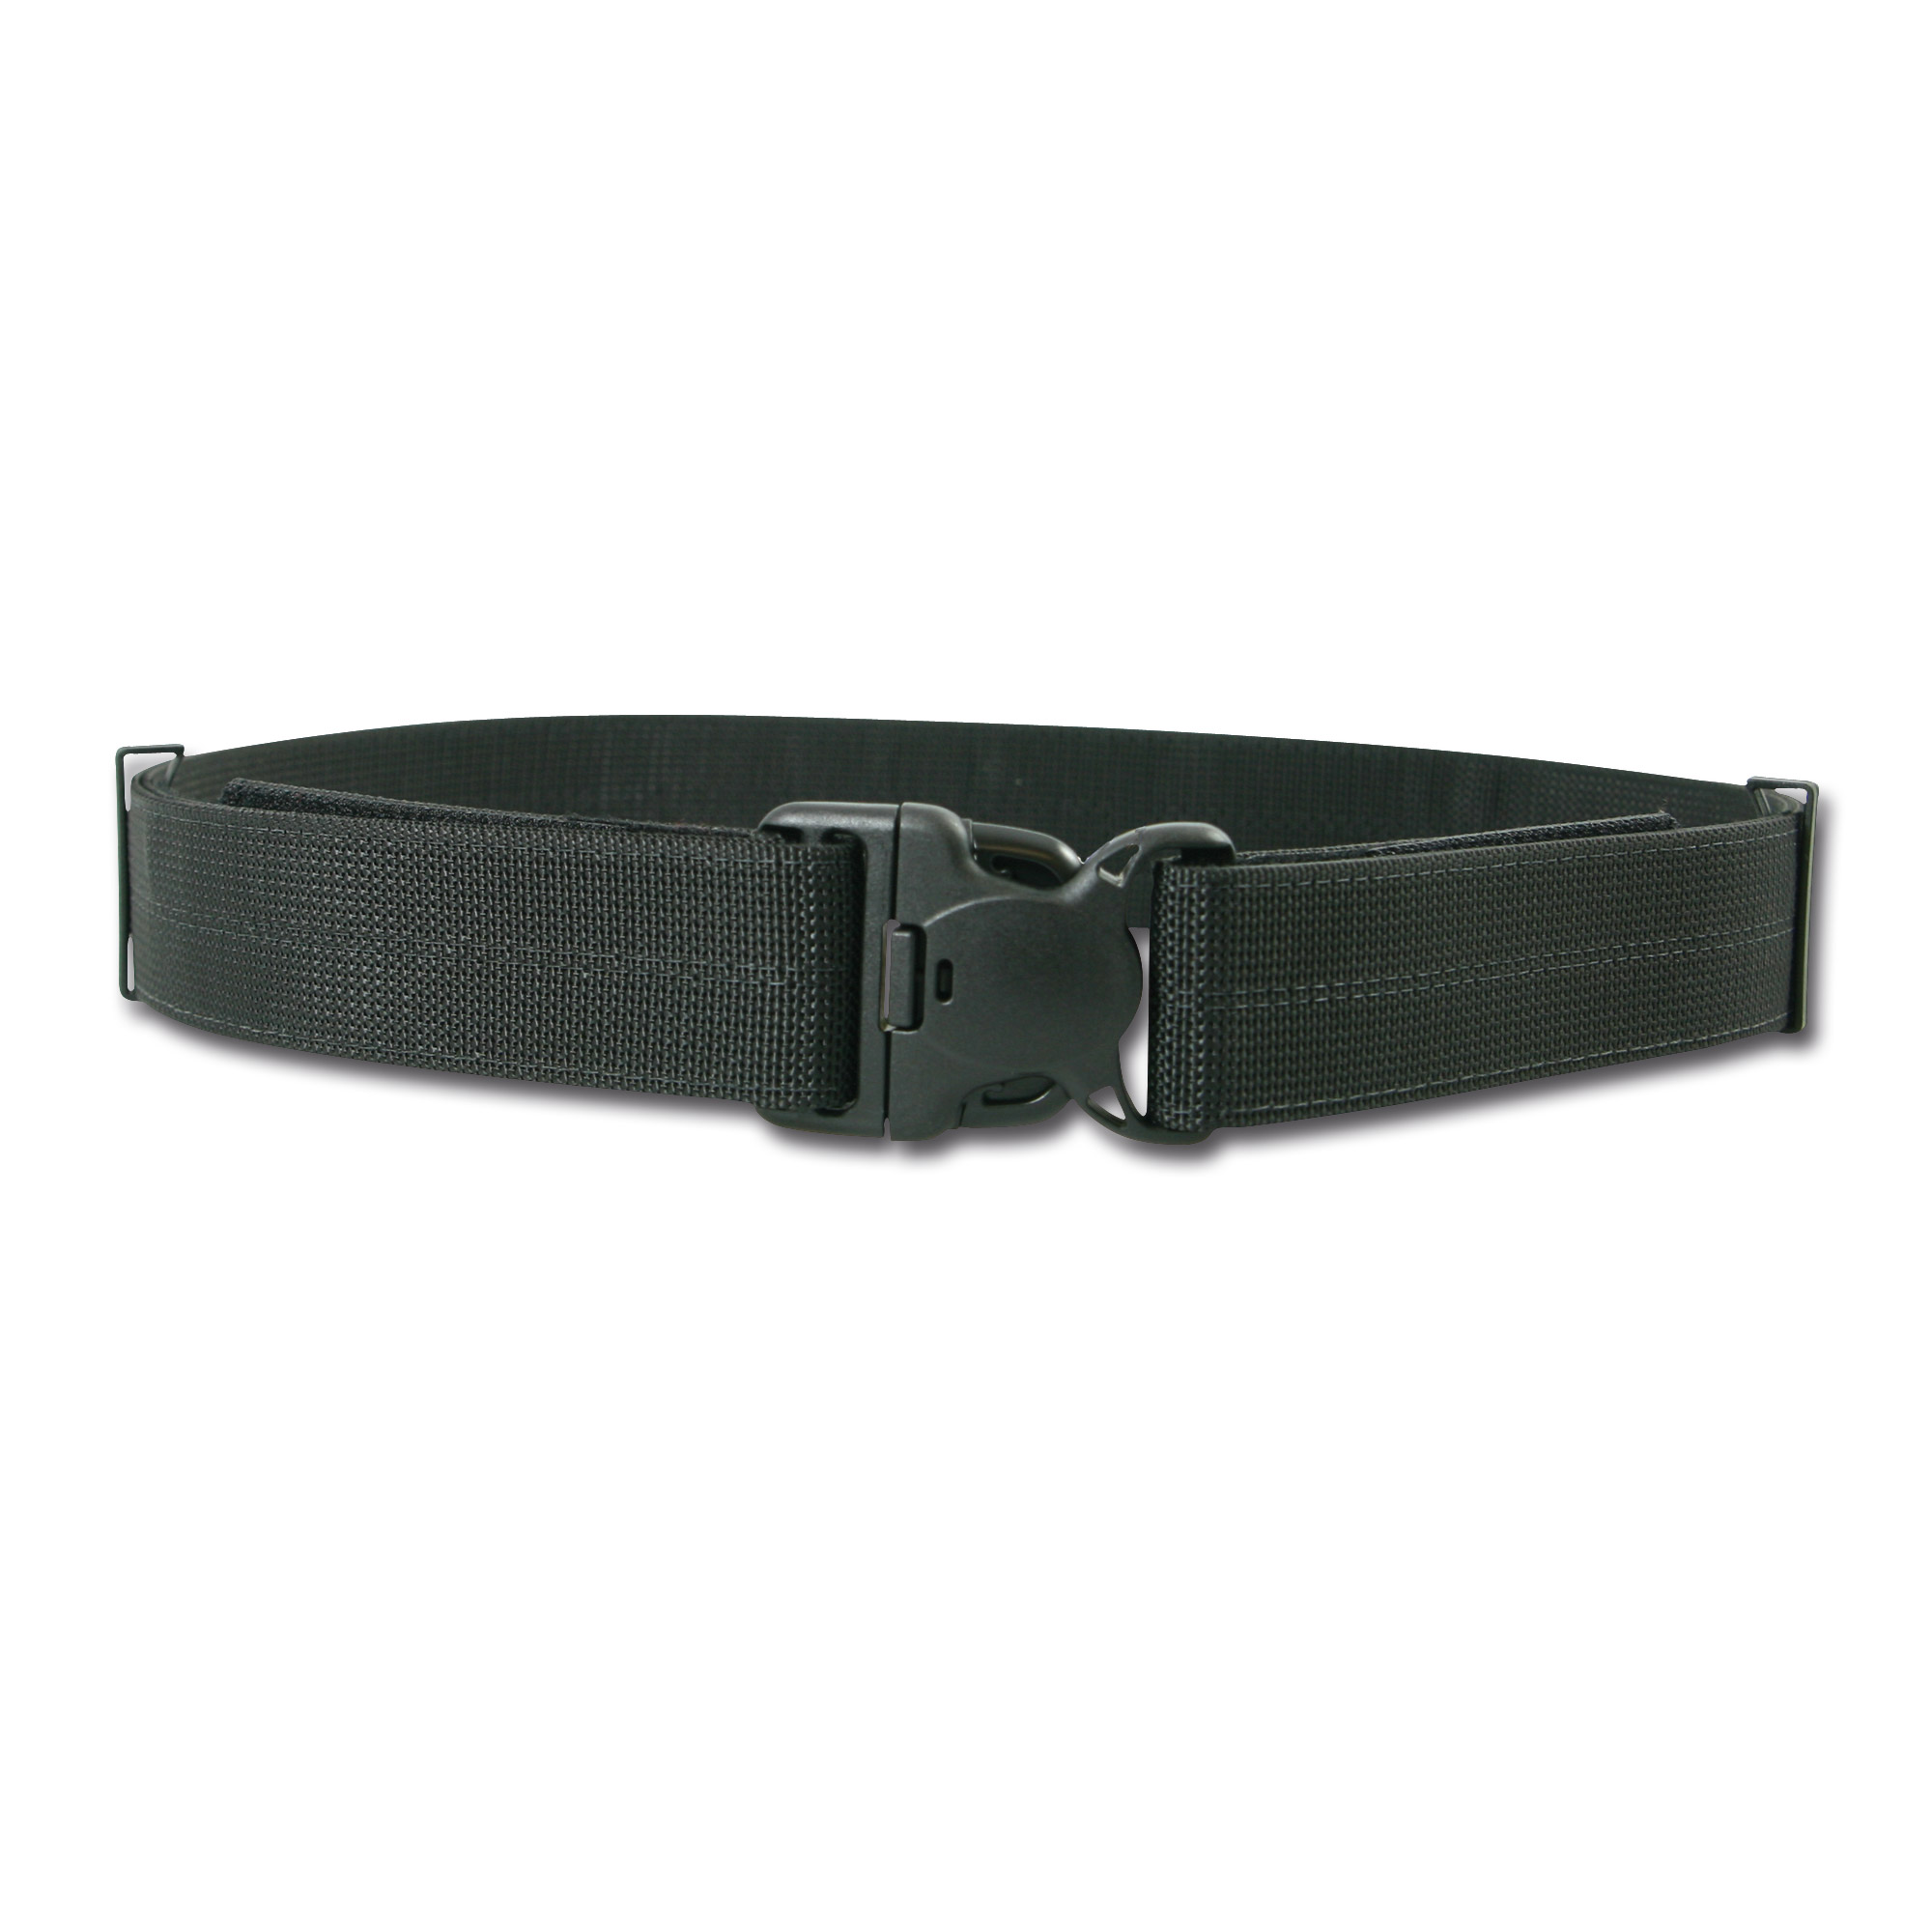 Blackhawk Web Duty Belt